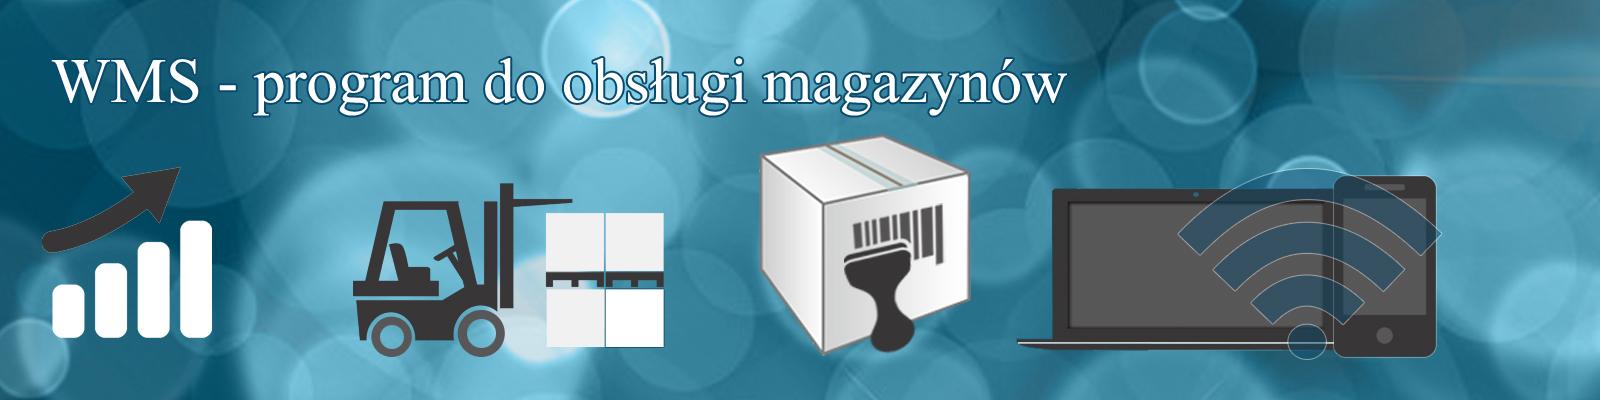 wms_program od_obsługi magazynow_prokompkielce.pl